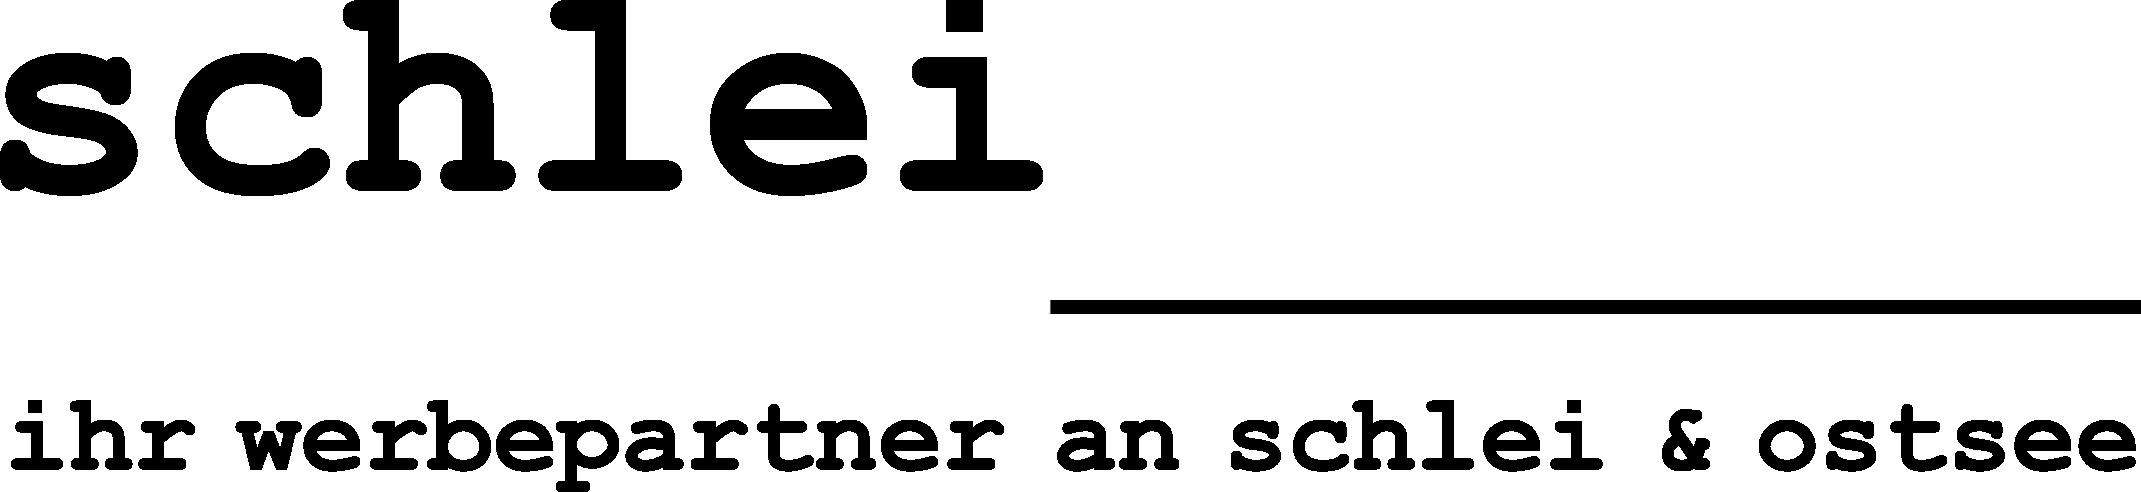 Schleimedien - Werbeagentur - Eckernförde